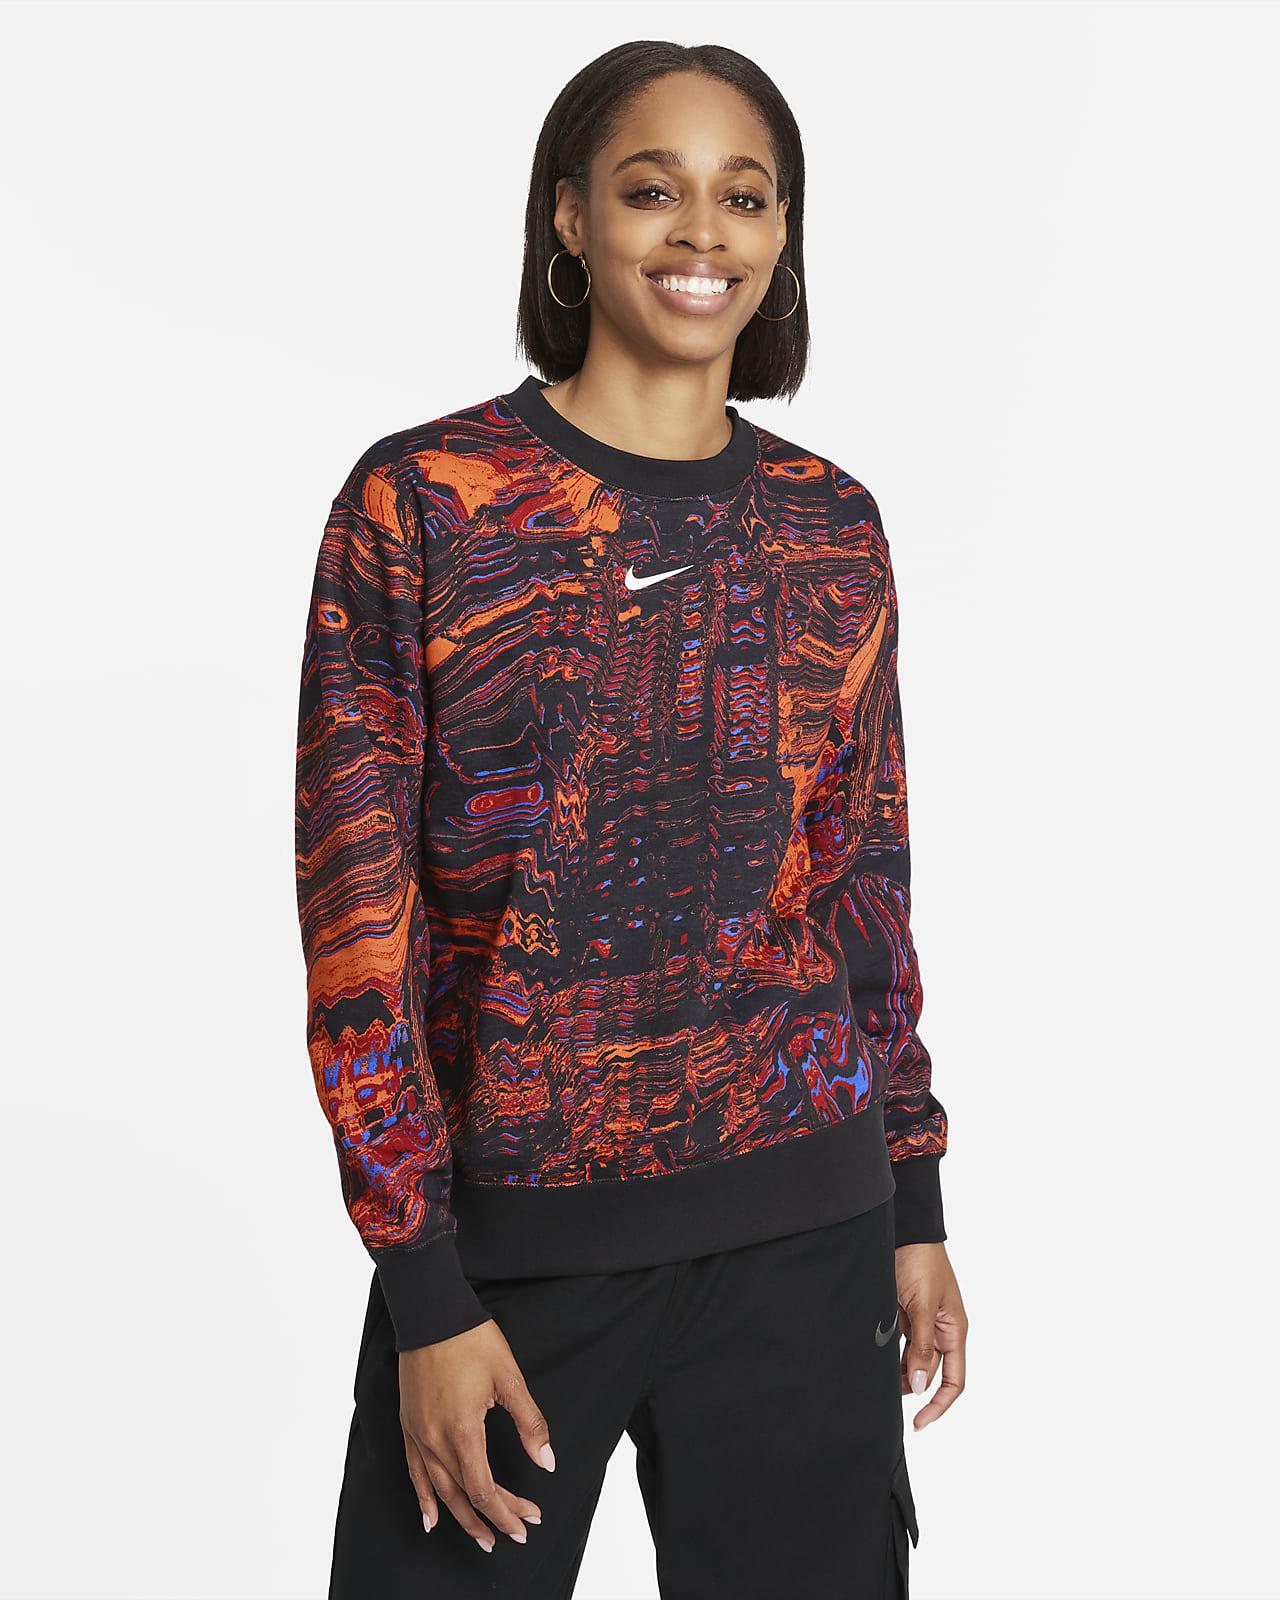 Nike Sportswear Women's Dance Fleece Crew